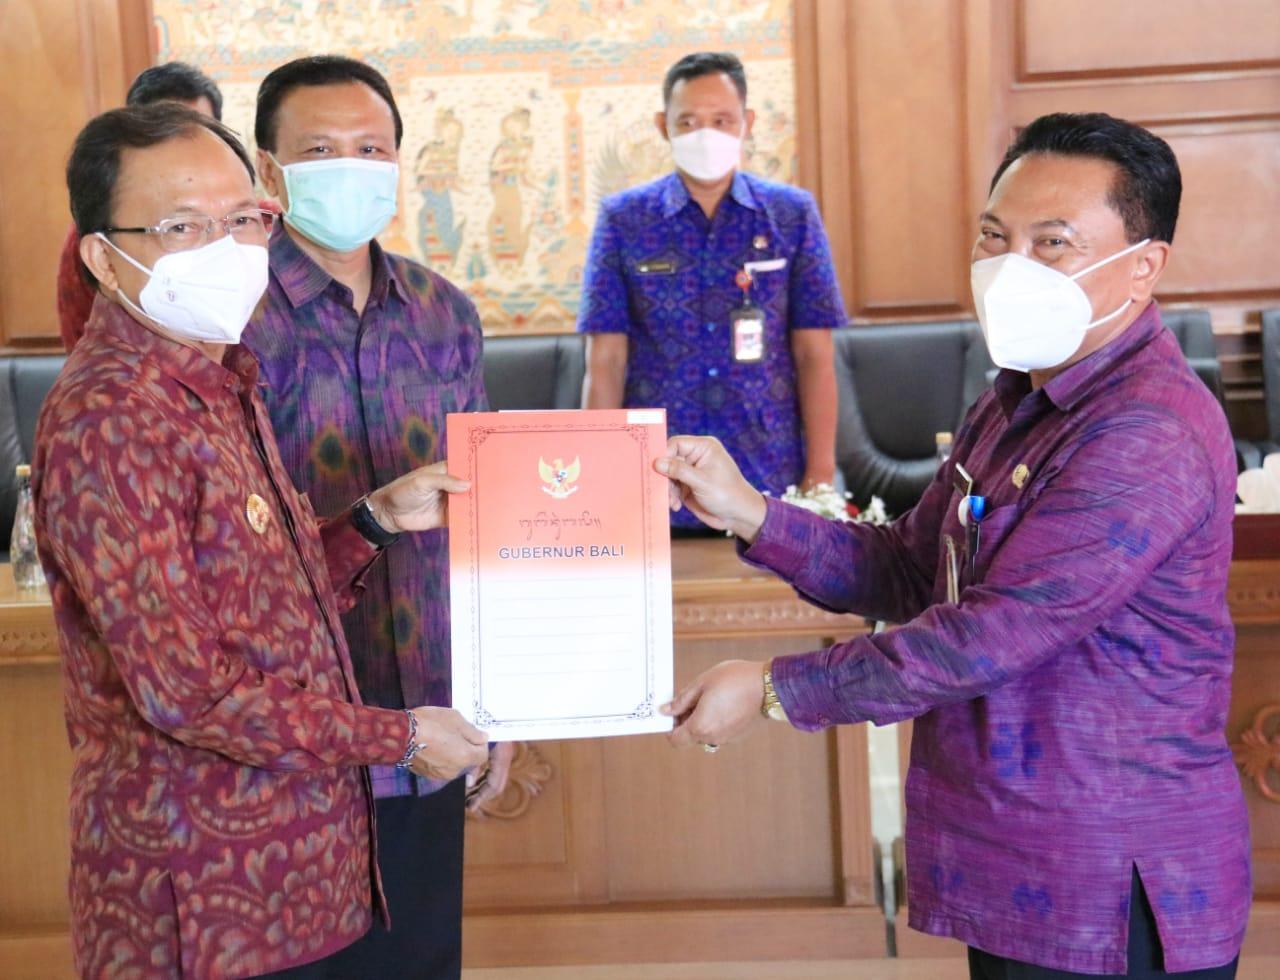 Pj. Sekda Kota Denpasar, I Made Toya (Kanan) menerima SK dari Gubernur Bali, Wayan Koster.  I Made Toya akan menjadi Plh Walikota Denpasar.